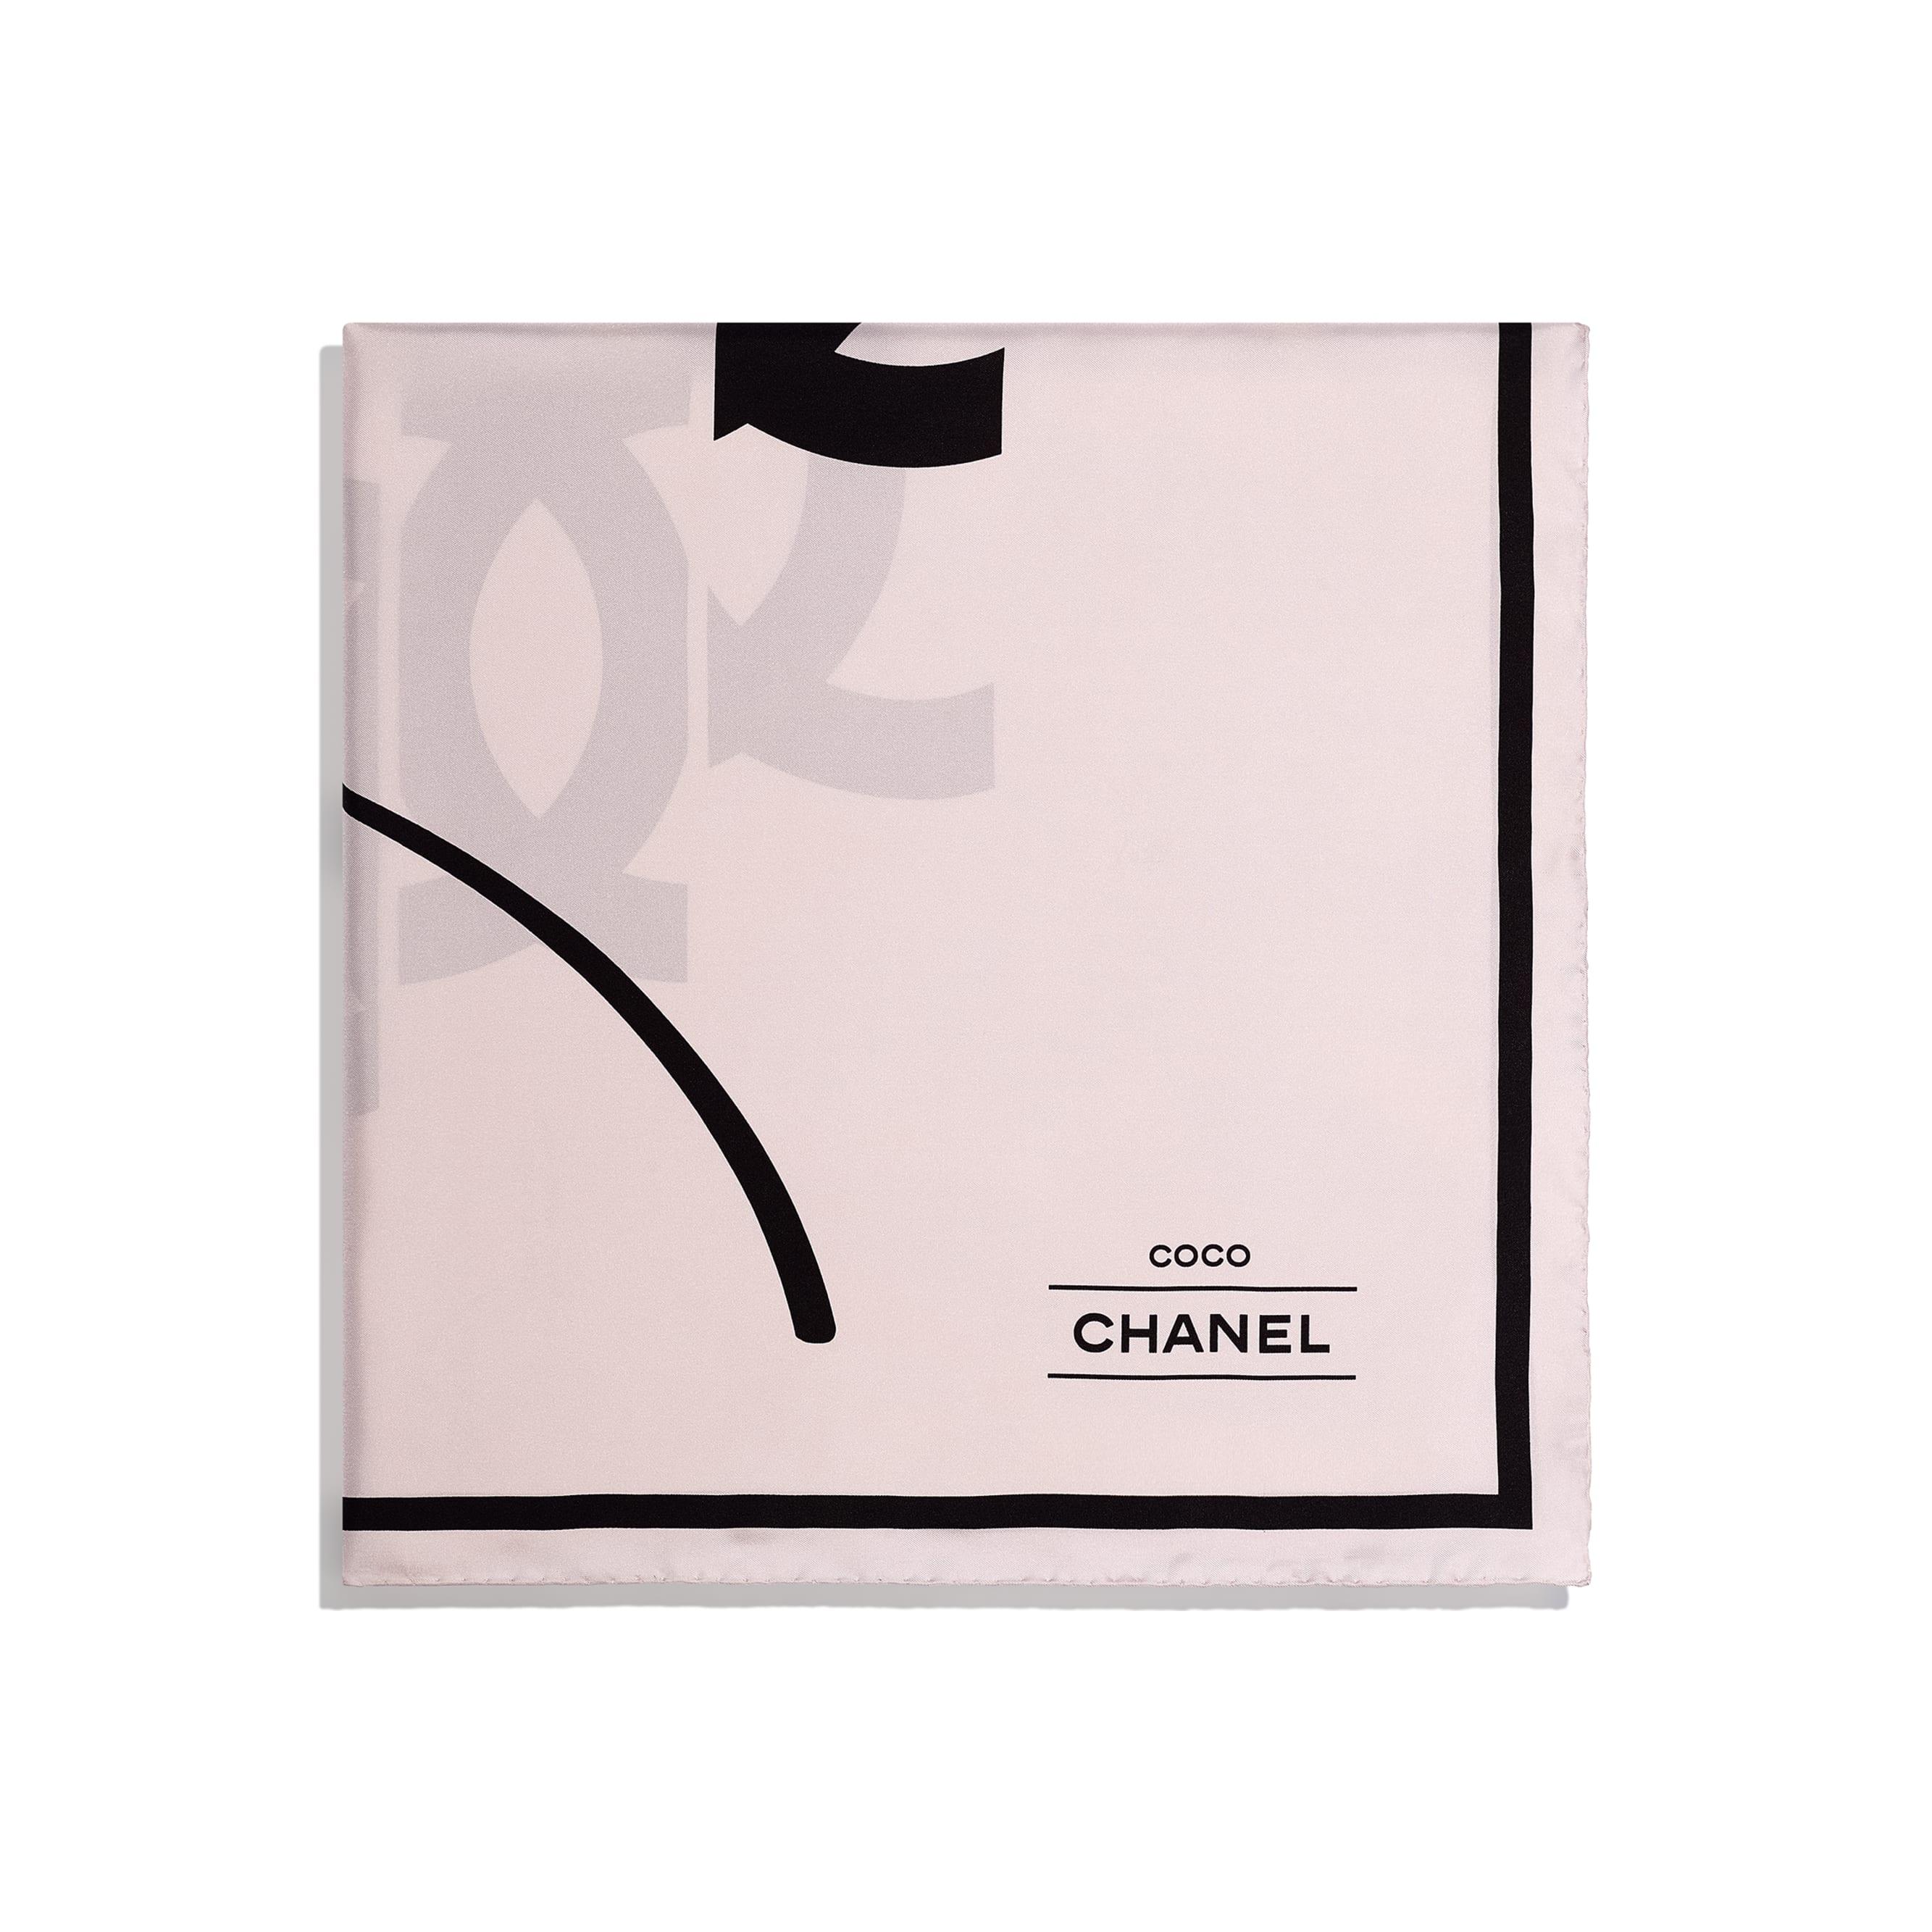 ผ้าพันคอทรงสี่เหลี่ยมจัตุรัส - สีชมพูอ่อน - ผ้าไหมทวิลล์ - CHANEL - มุมมองทางอื่น - ดูเวอร์ชันขนาดมาตรฐาน